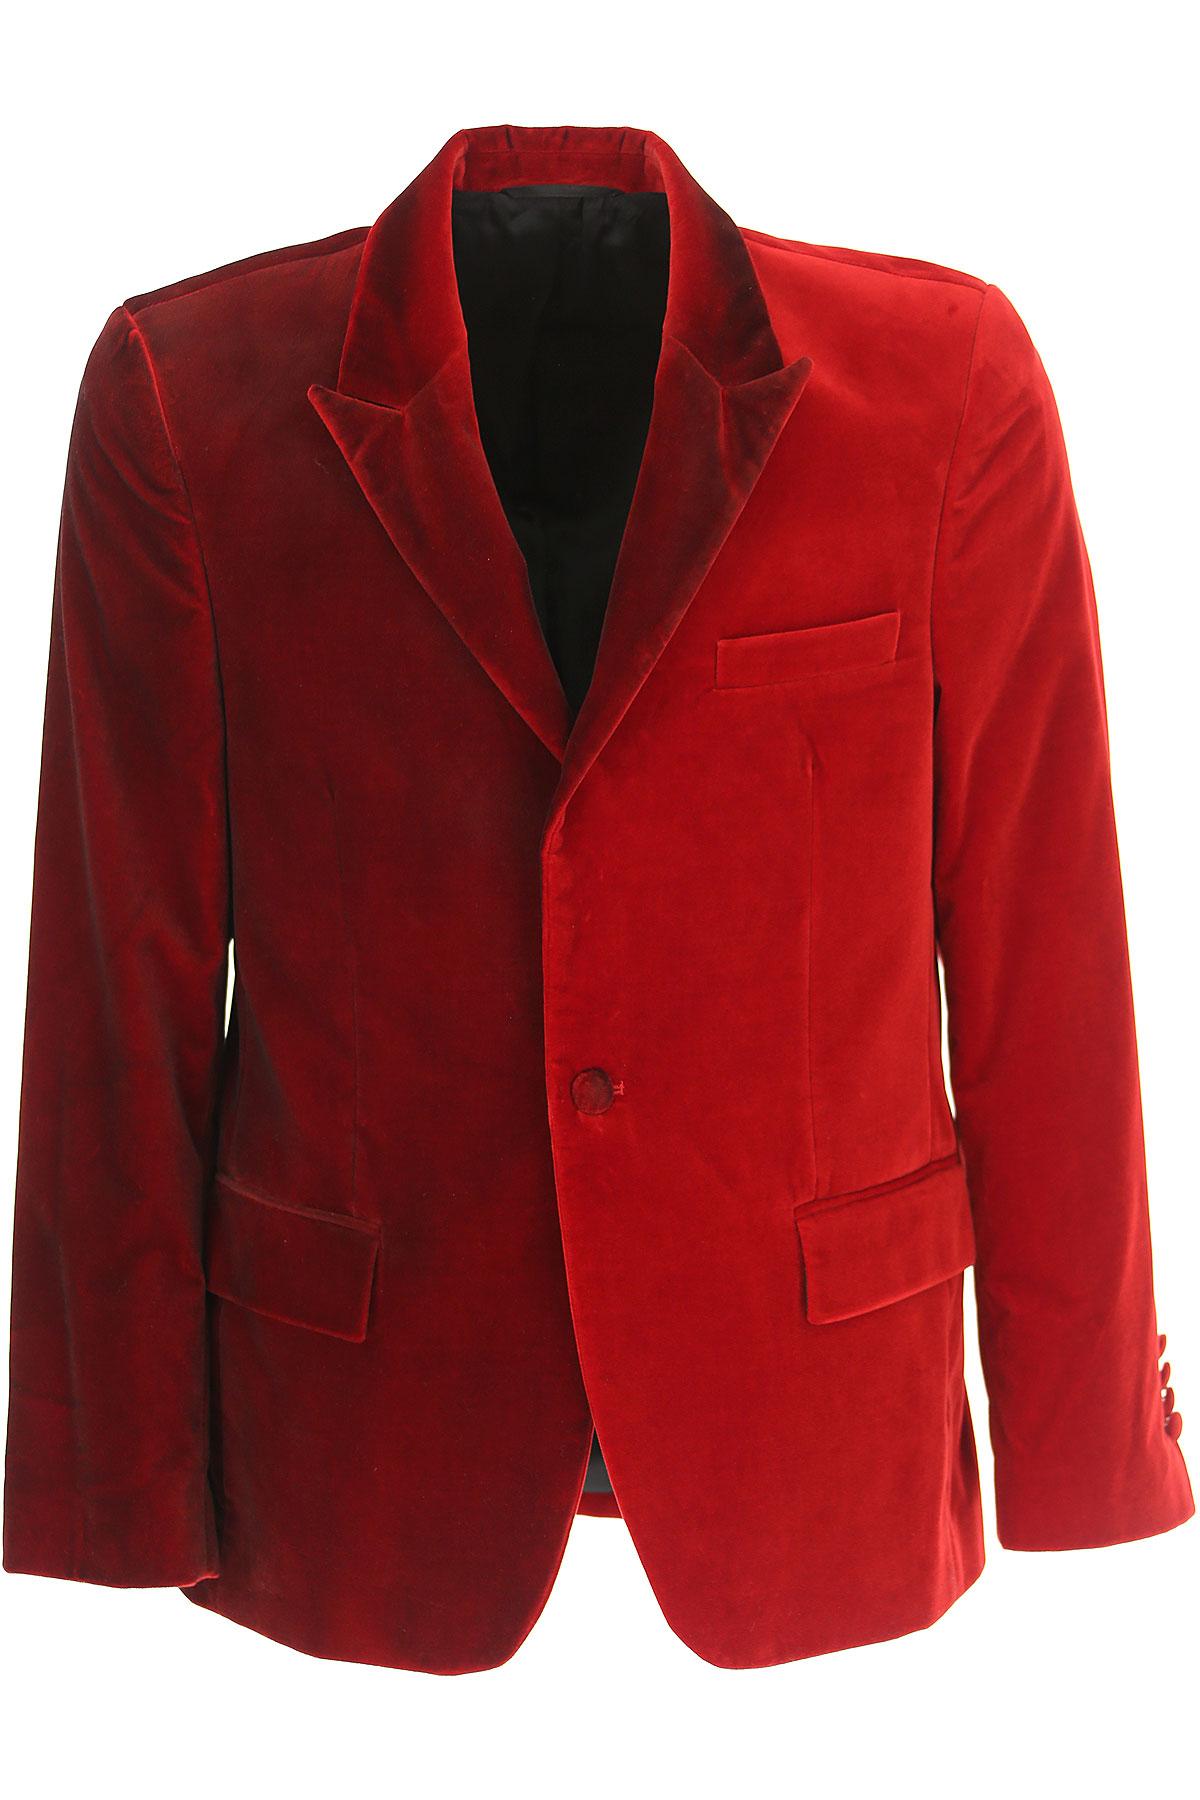 Image of Golden Goose Blazer for Men, Sport Coat, Bordeaux Red, Cotton, 2017, L M